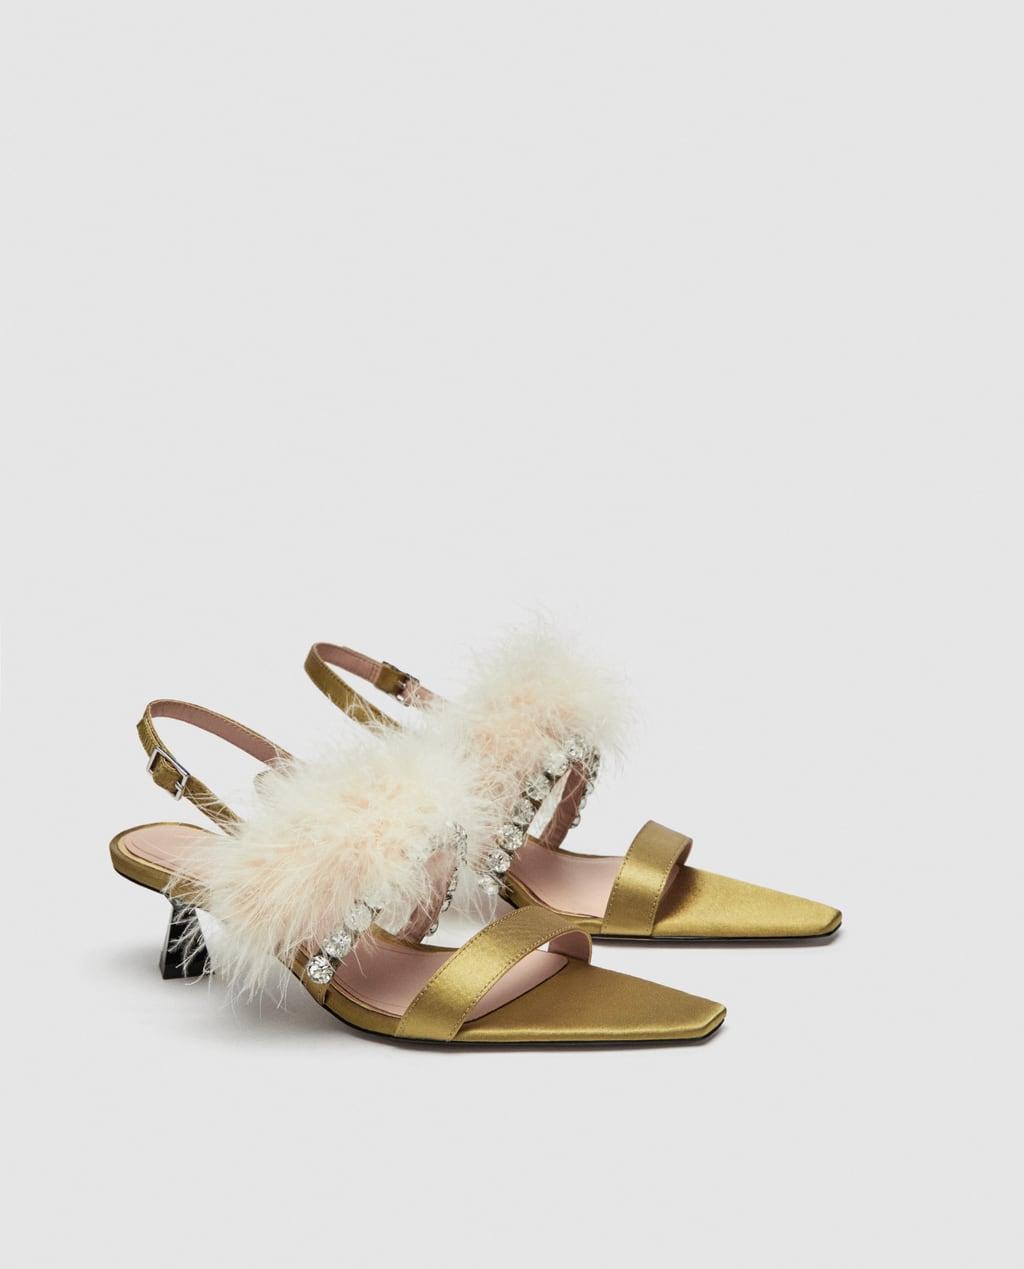 Zara_feather sandals.jpg